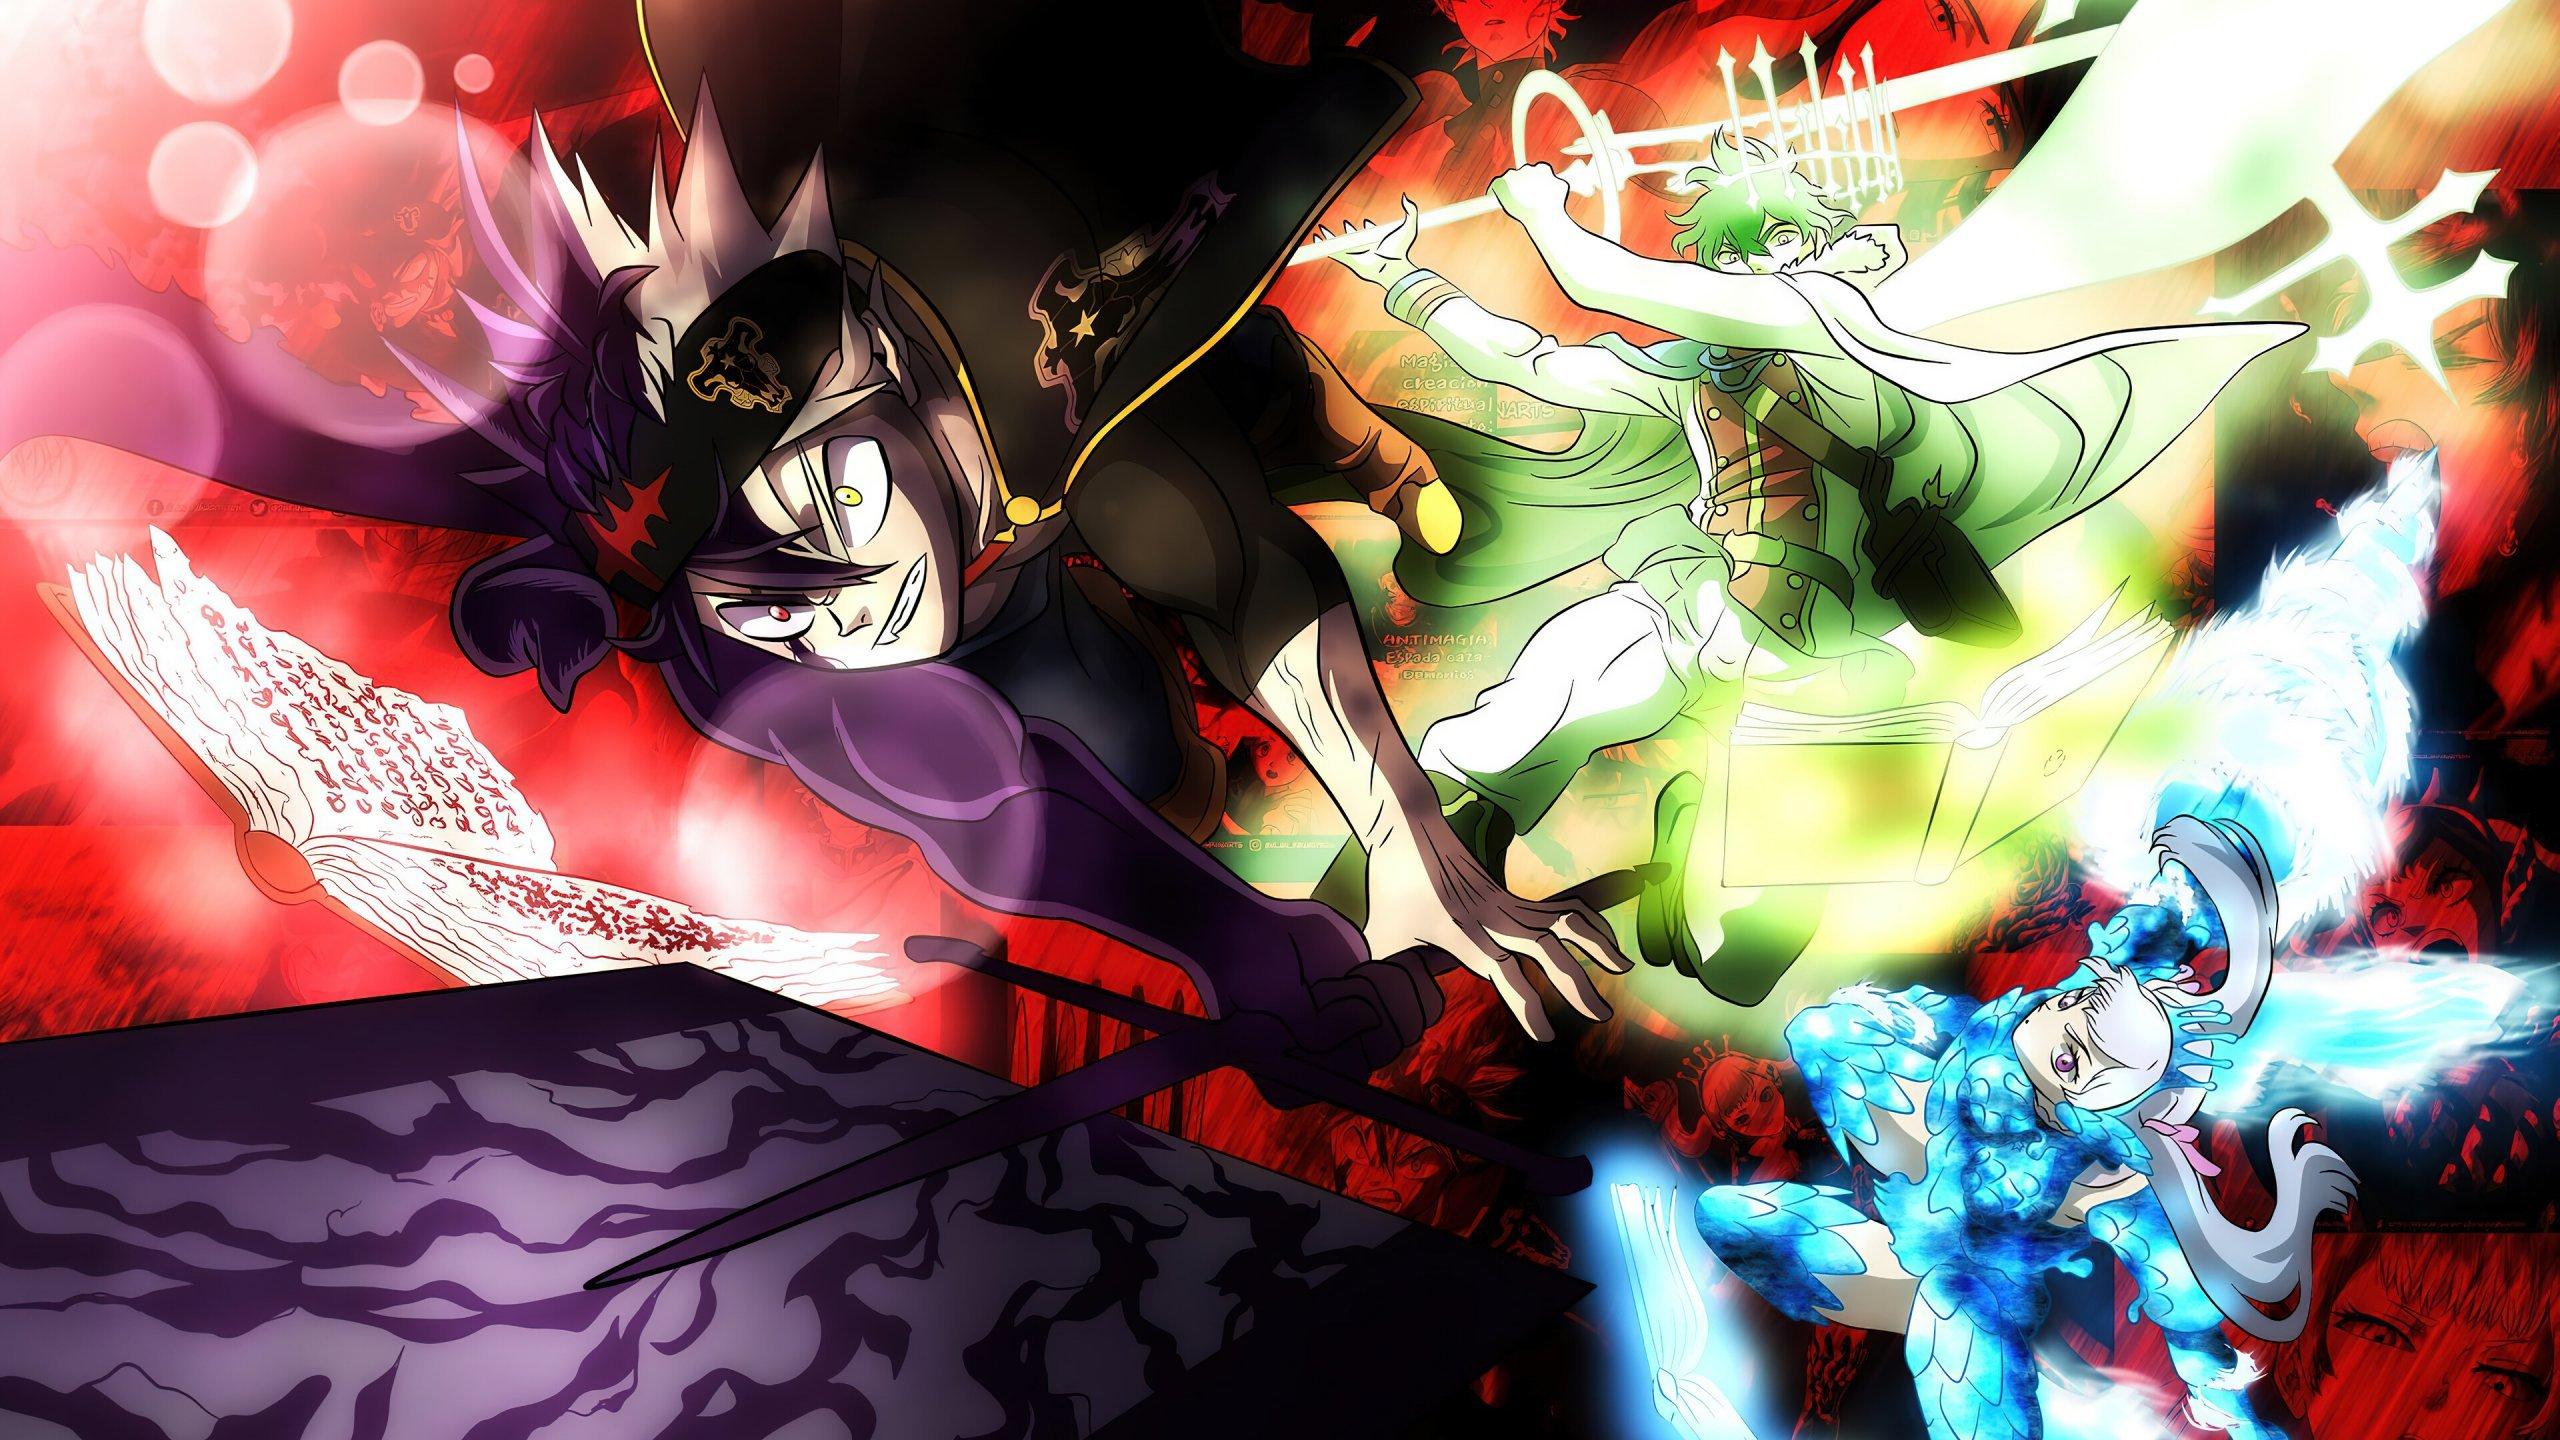 Asta Yuno Noelle Black Clover Anime Fondo de pantalla 4k ...